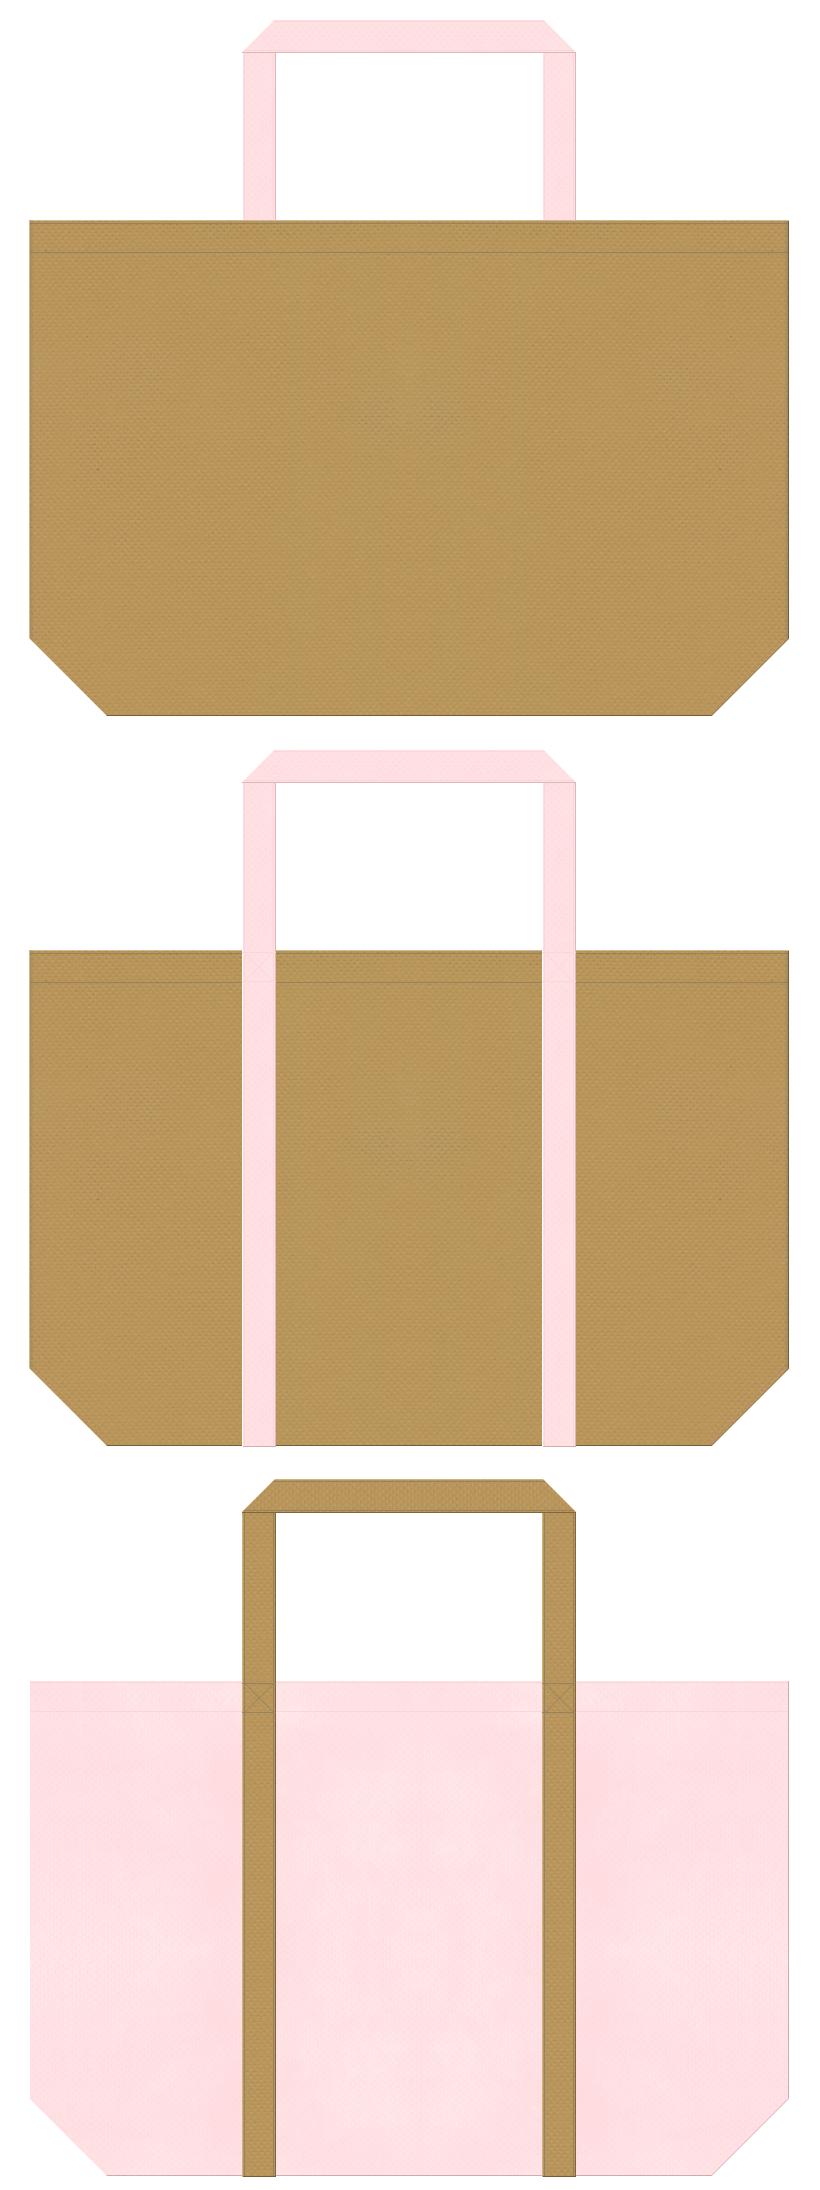 金色系黄土色と桜色の不織布バッグデザイン。ペットショップ・ペットサロンのノベルティにお奨めです。